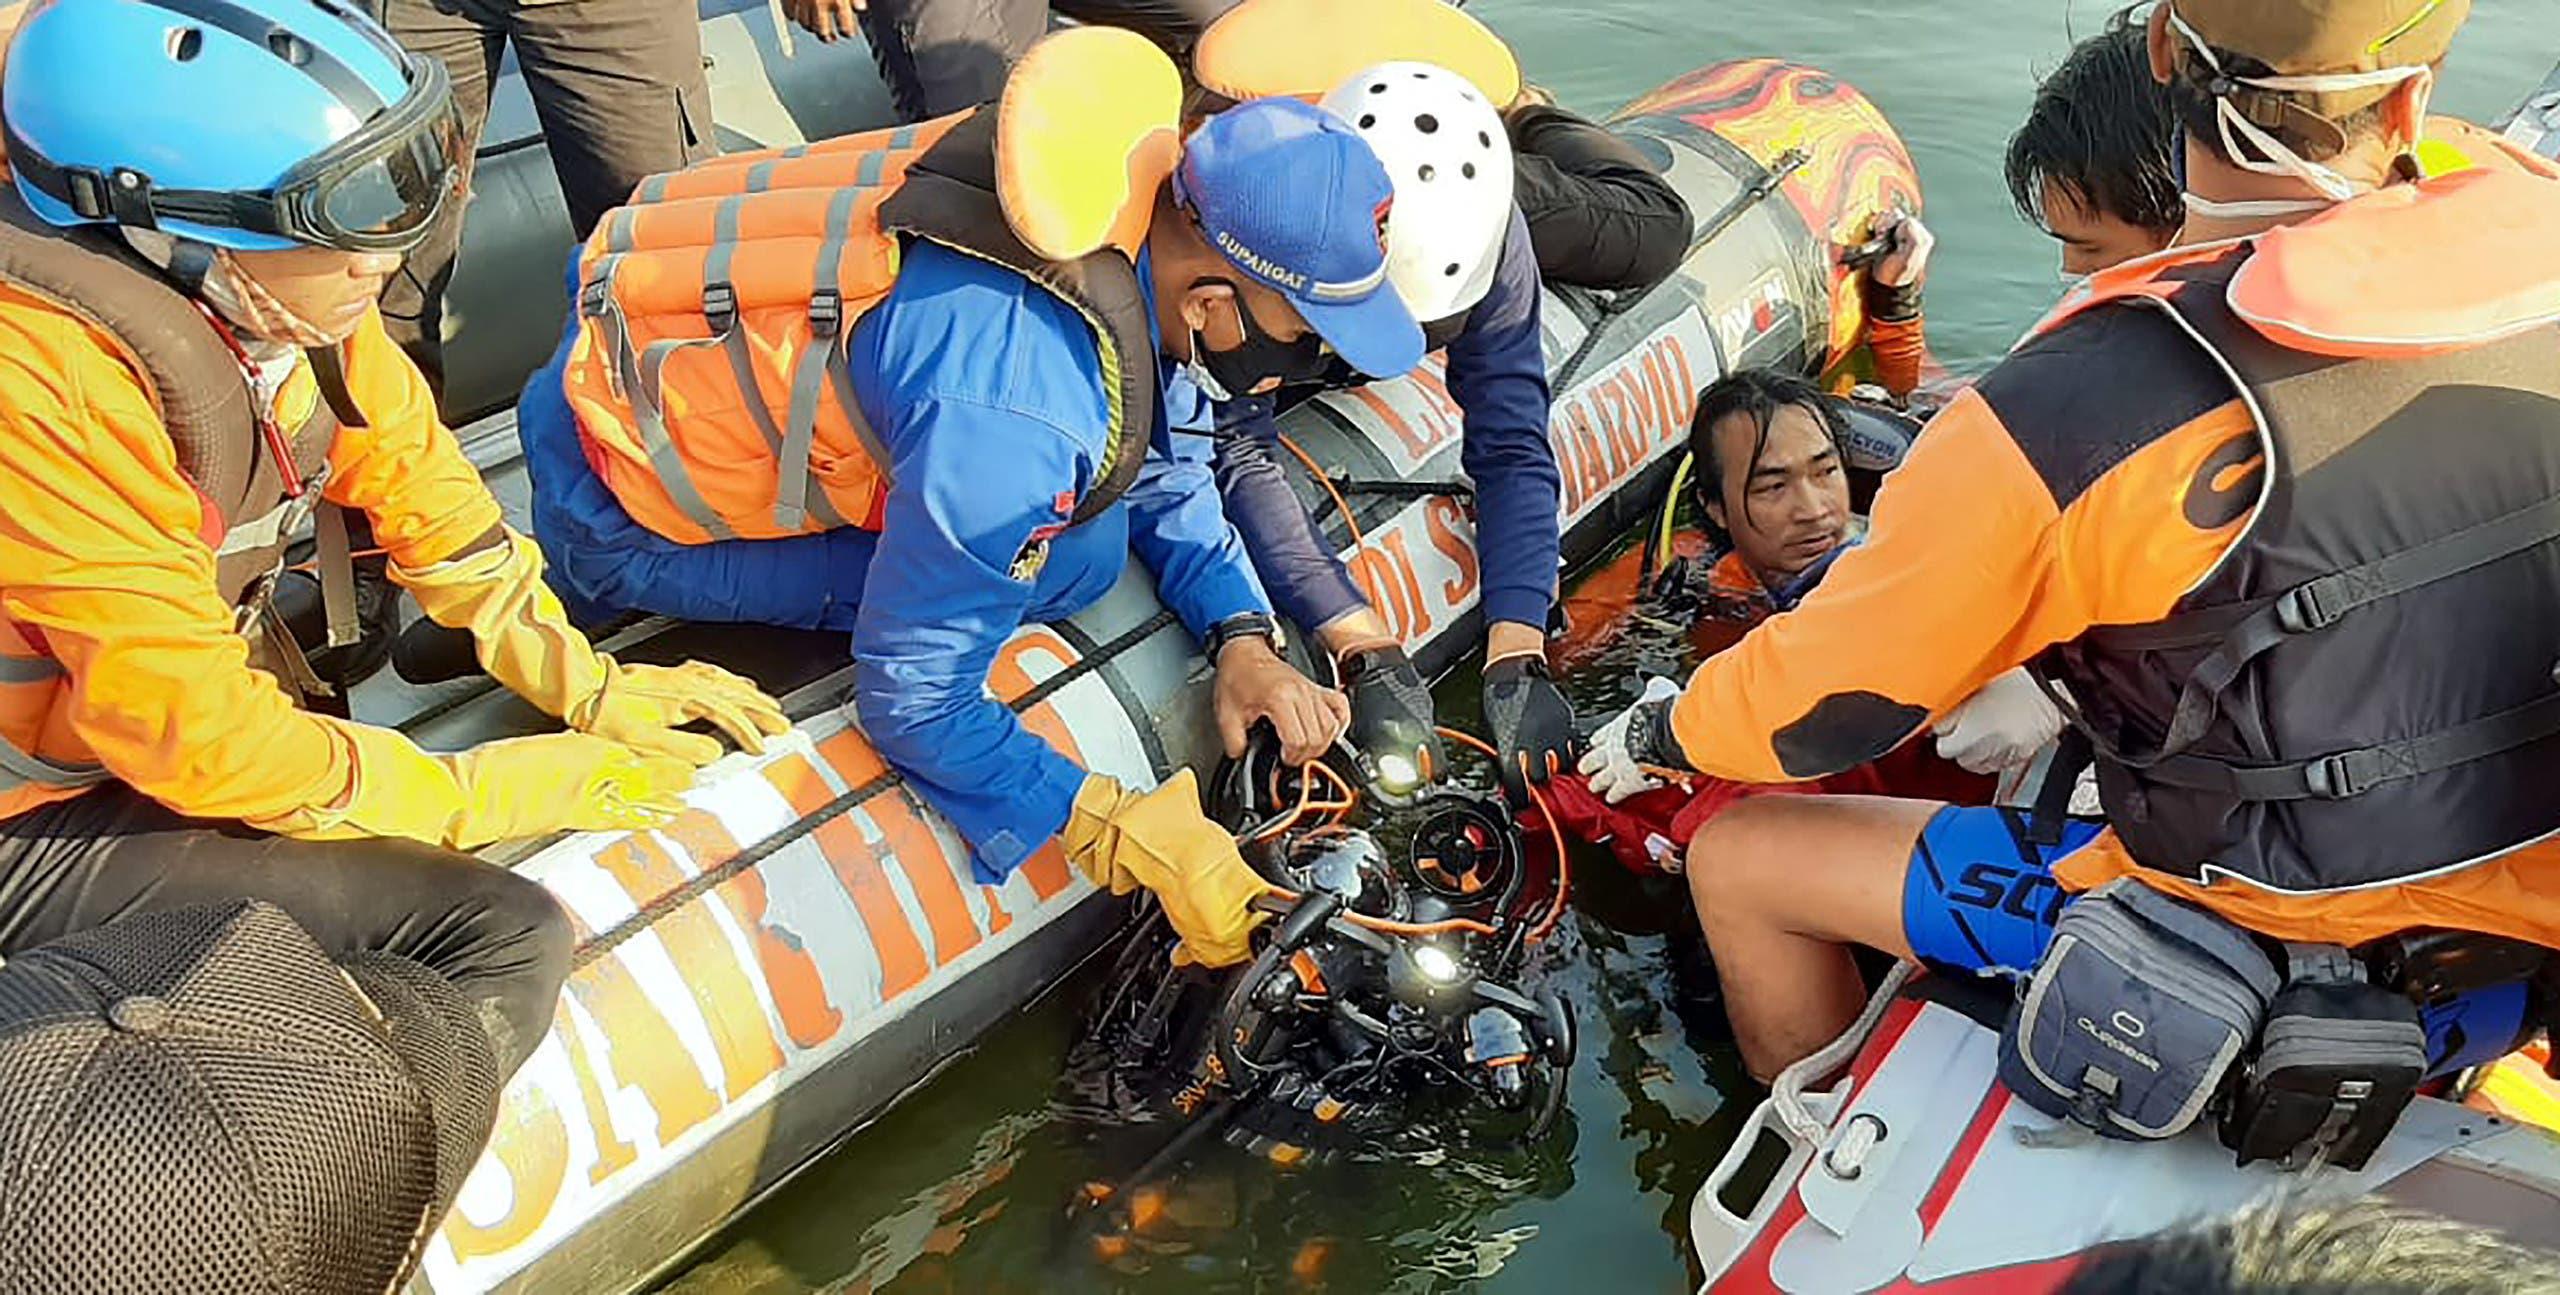 من عملية البحث عن الناجين في البحرية بجزيرة جاوة